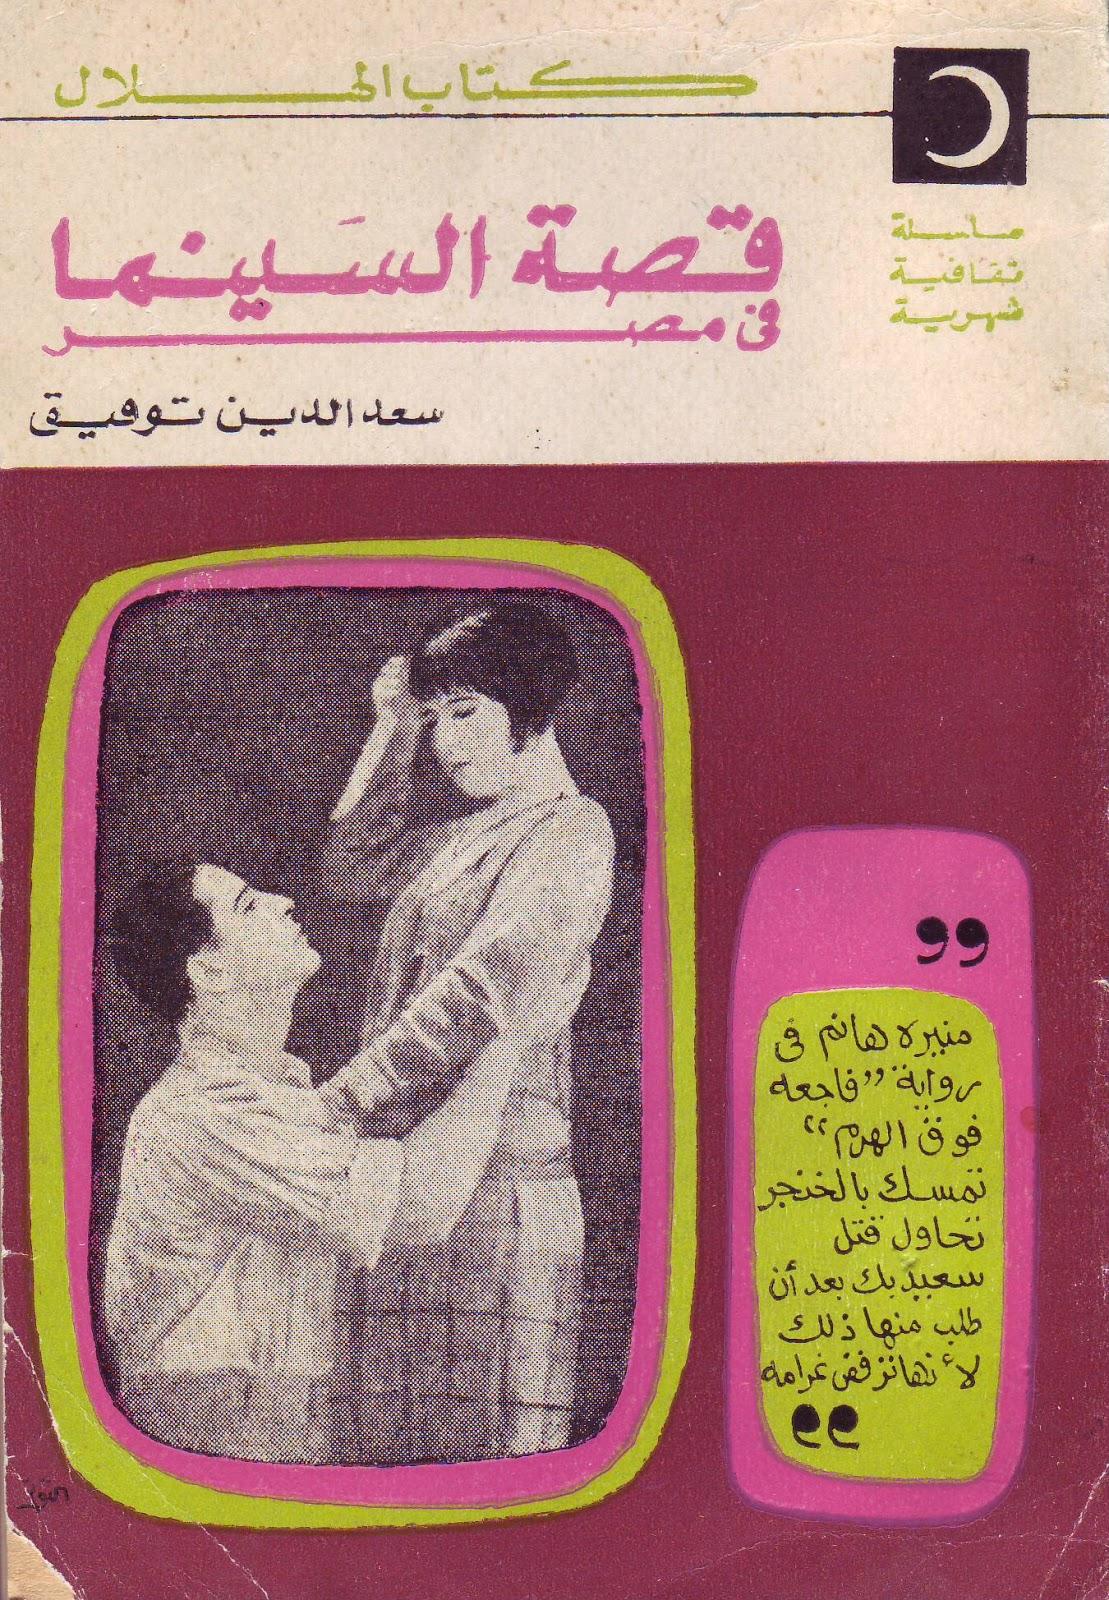 صورة كتاب قصة السينما في مصر – سعد الدين توفيق